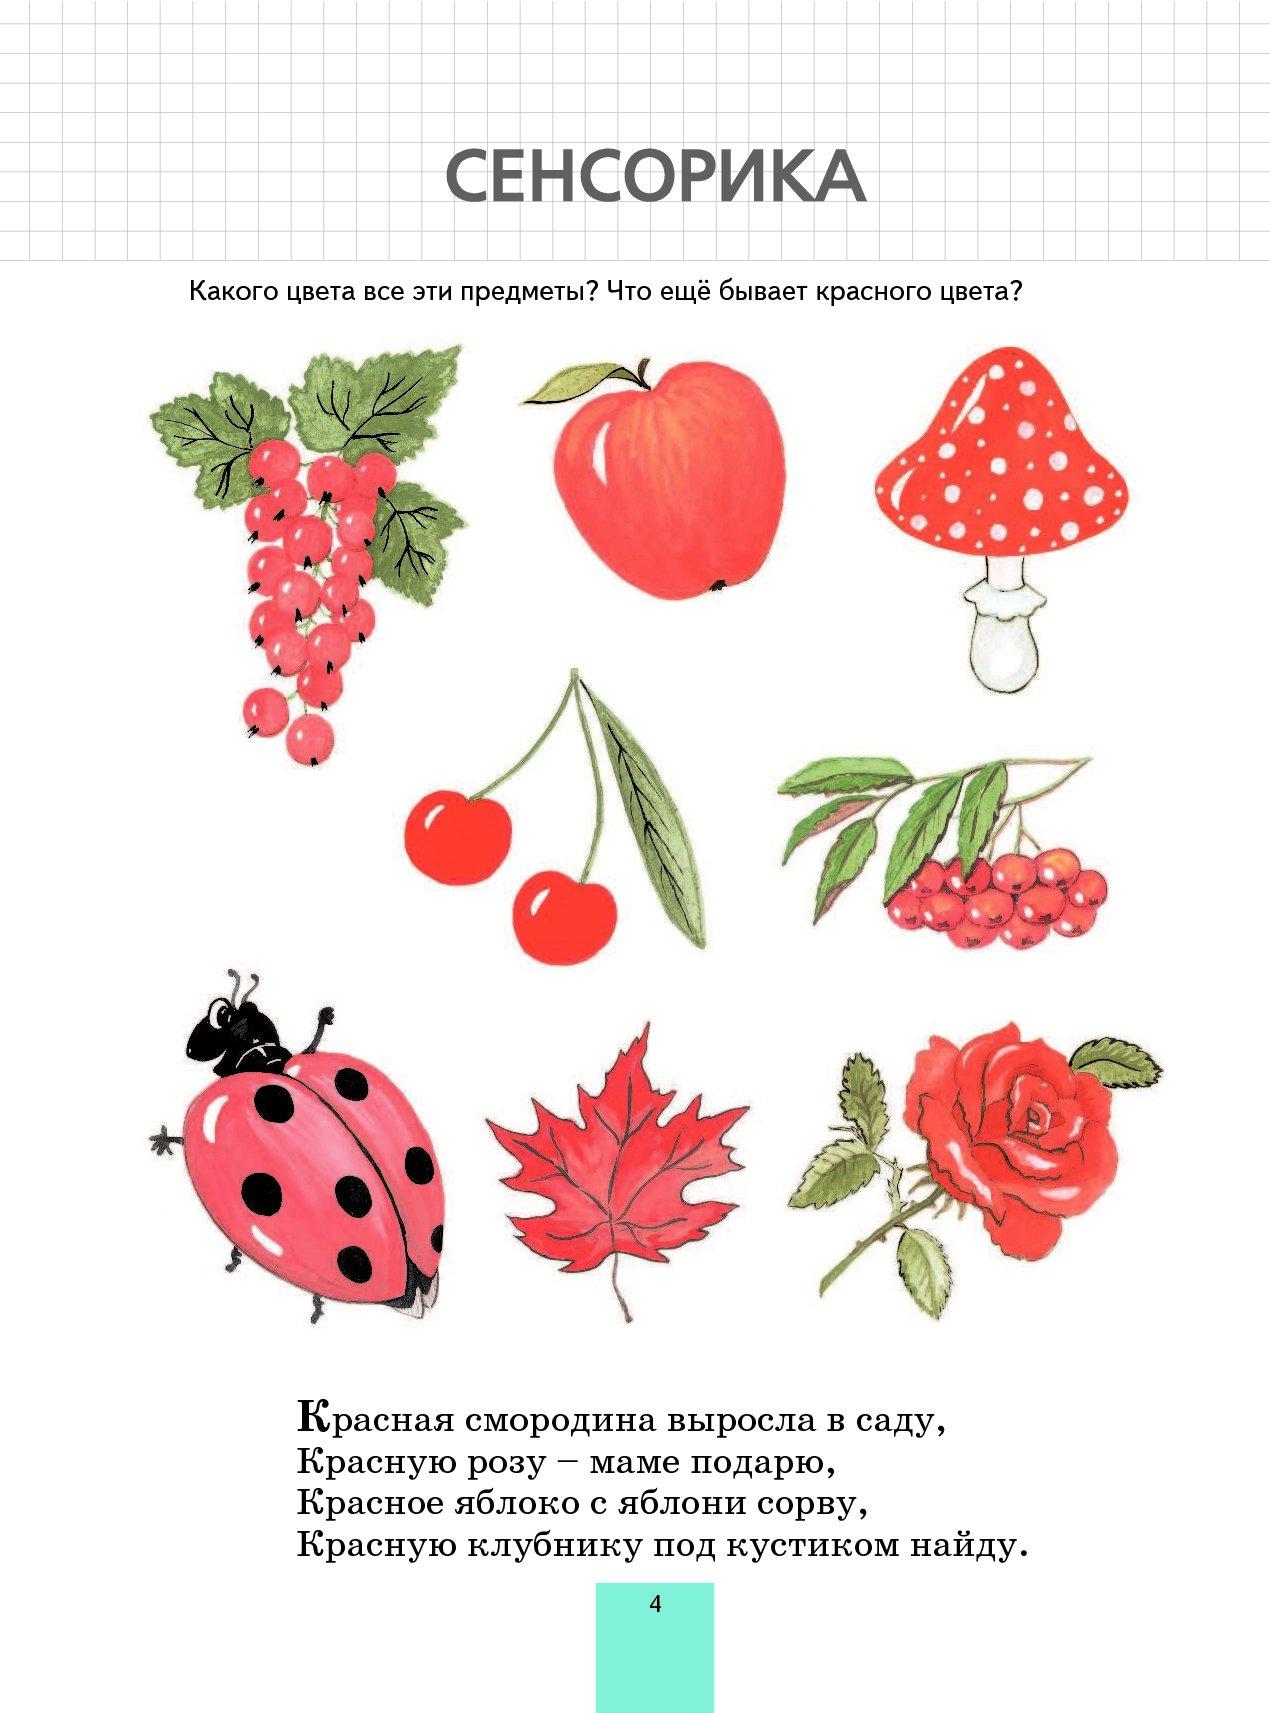 анимации картинки и стихи для изучения цветов это боевое